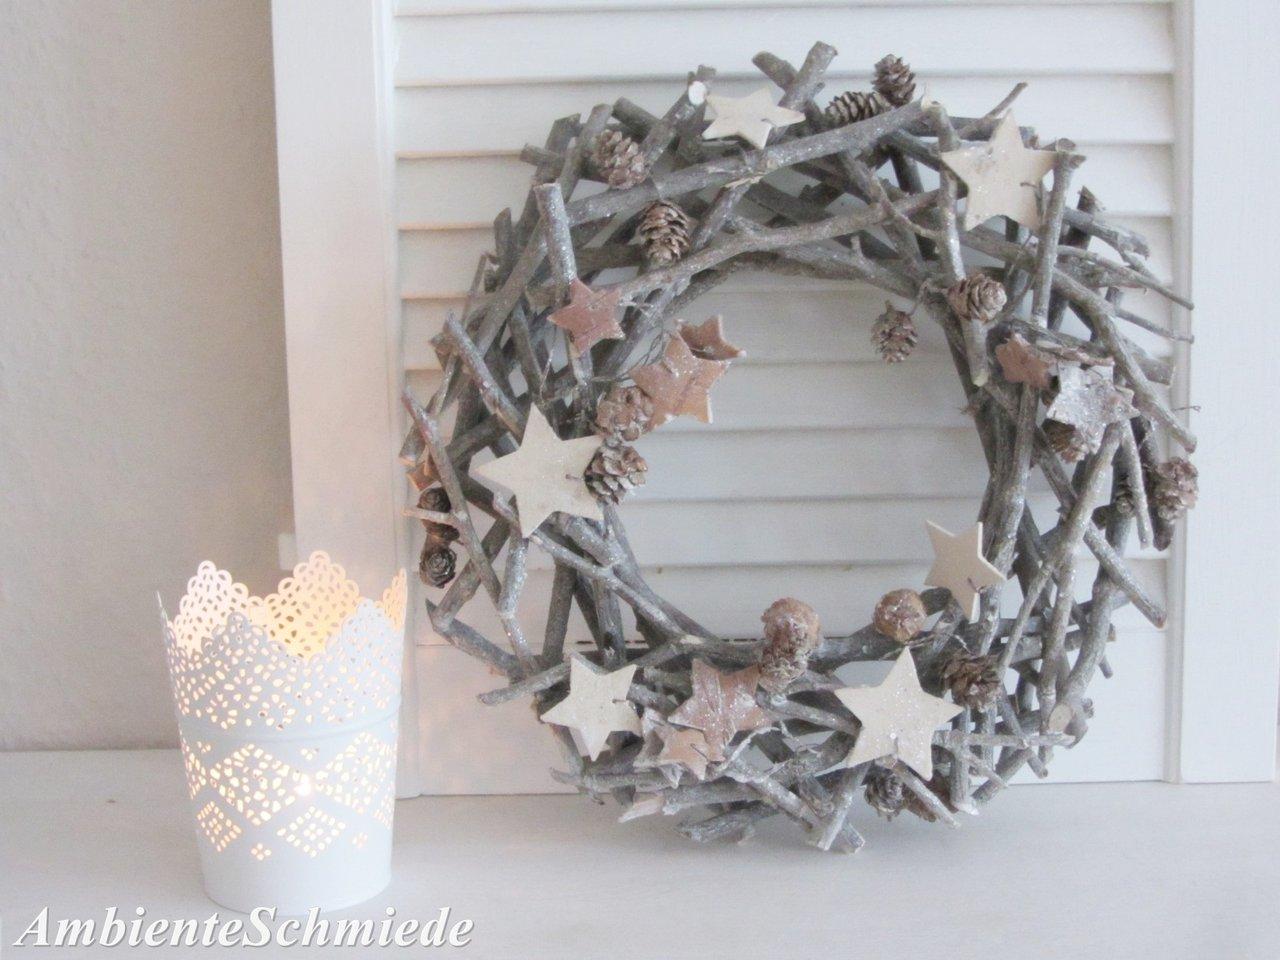 zapfen kranz t rkranz holz sterne grau wei 30cm deko winter weihnachten shabby ambienteschmiede. Black Bedroom Furniture Sets. Home Design Ideas